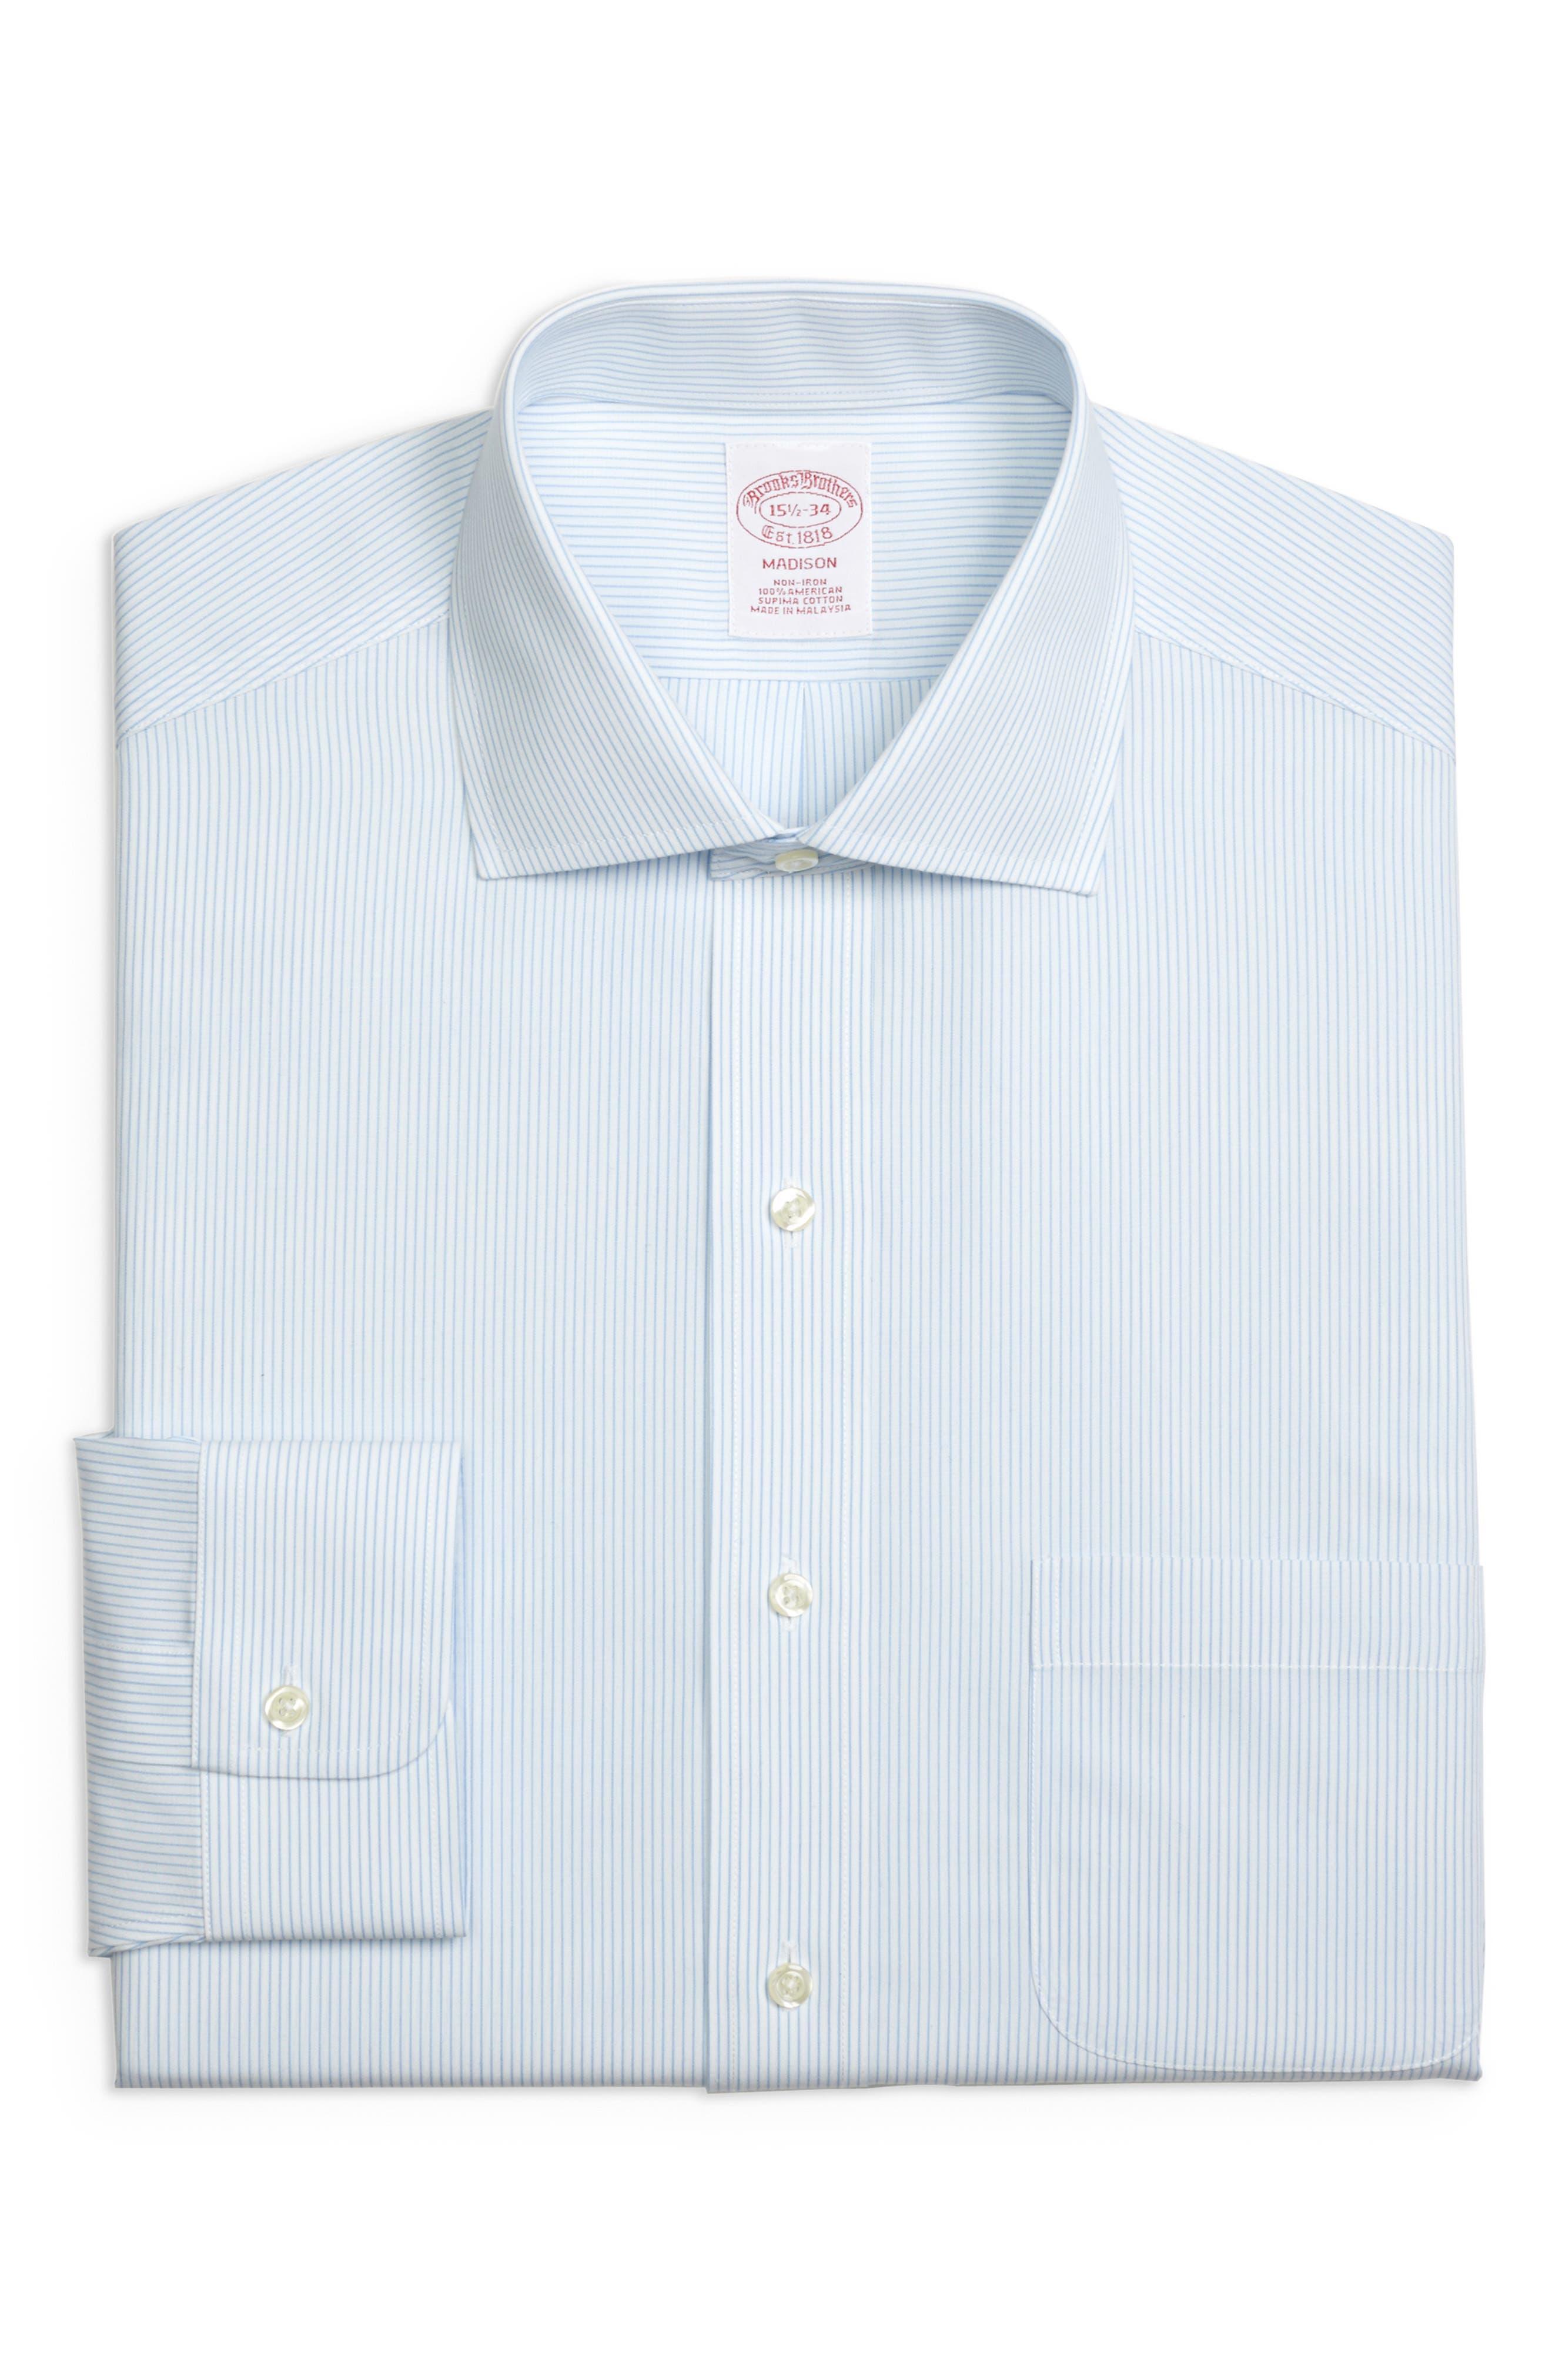 Regular Fit Stripe Dress Shirt,                             Main thumbnail 1, color,                             LIGHT/ PASTEL BLUE